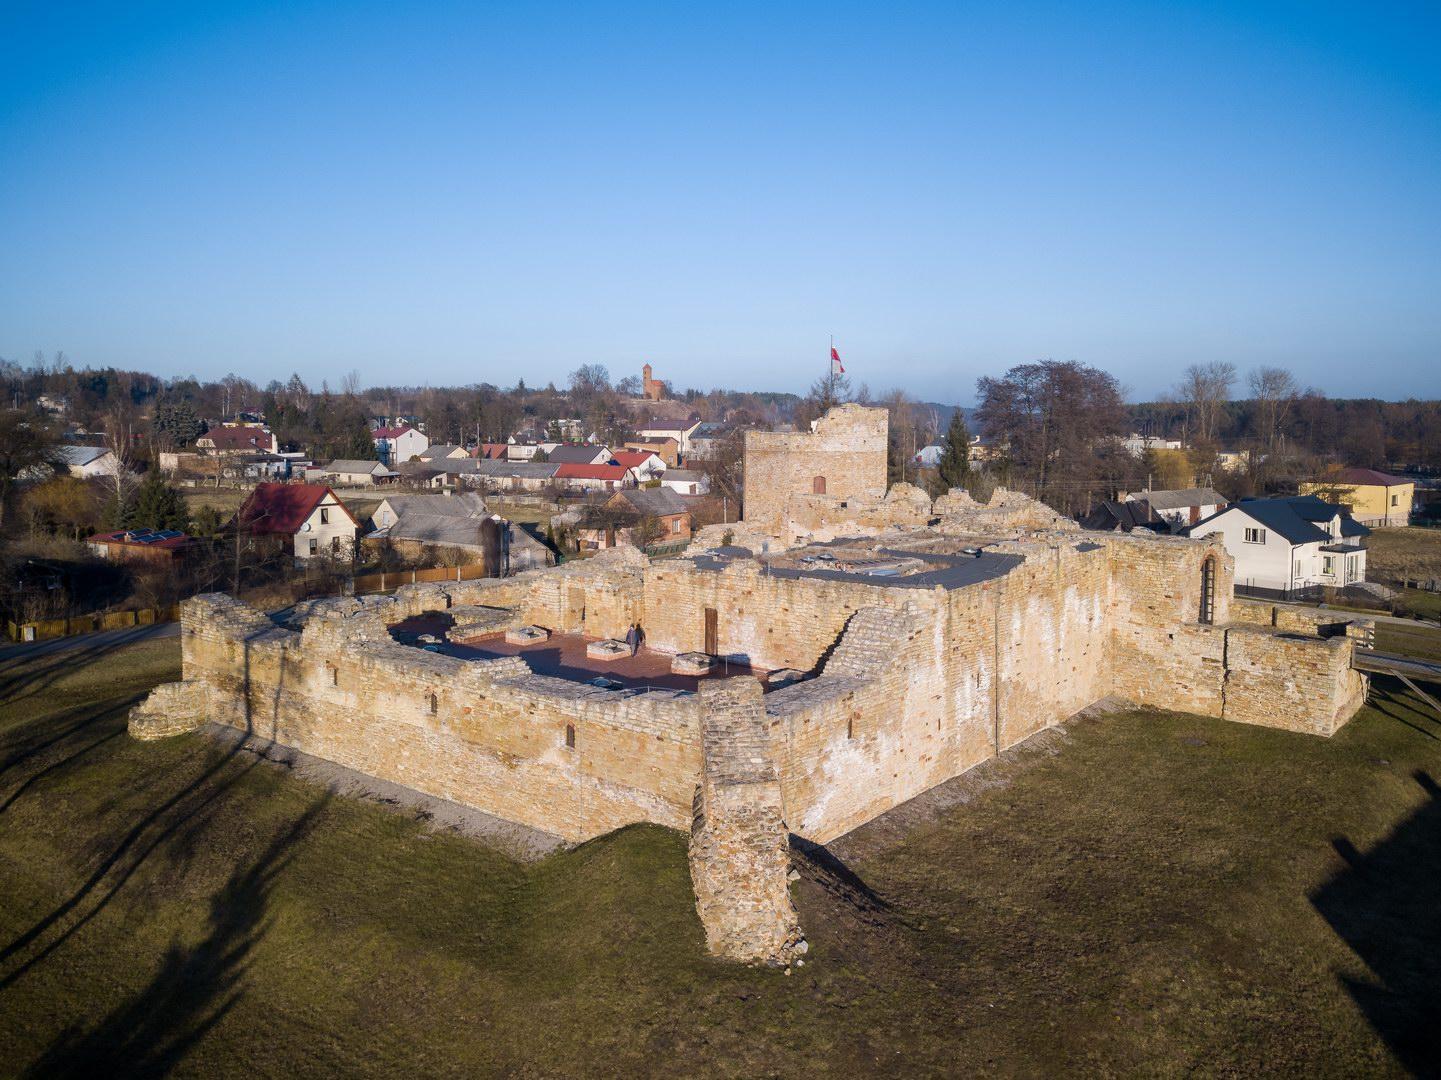 Wycieczka rowerowa do Spały i Inowłodza - Bunkier w Jeleniu, Schron kolejowy we wsi Jeleń